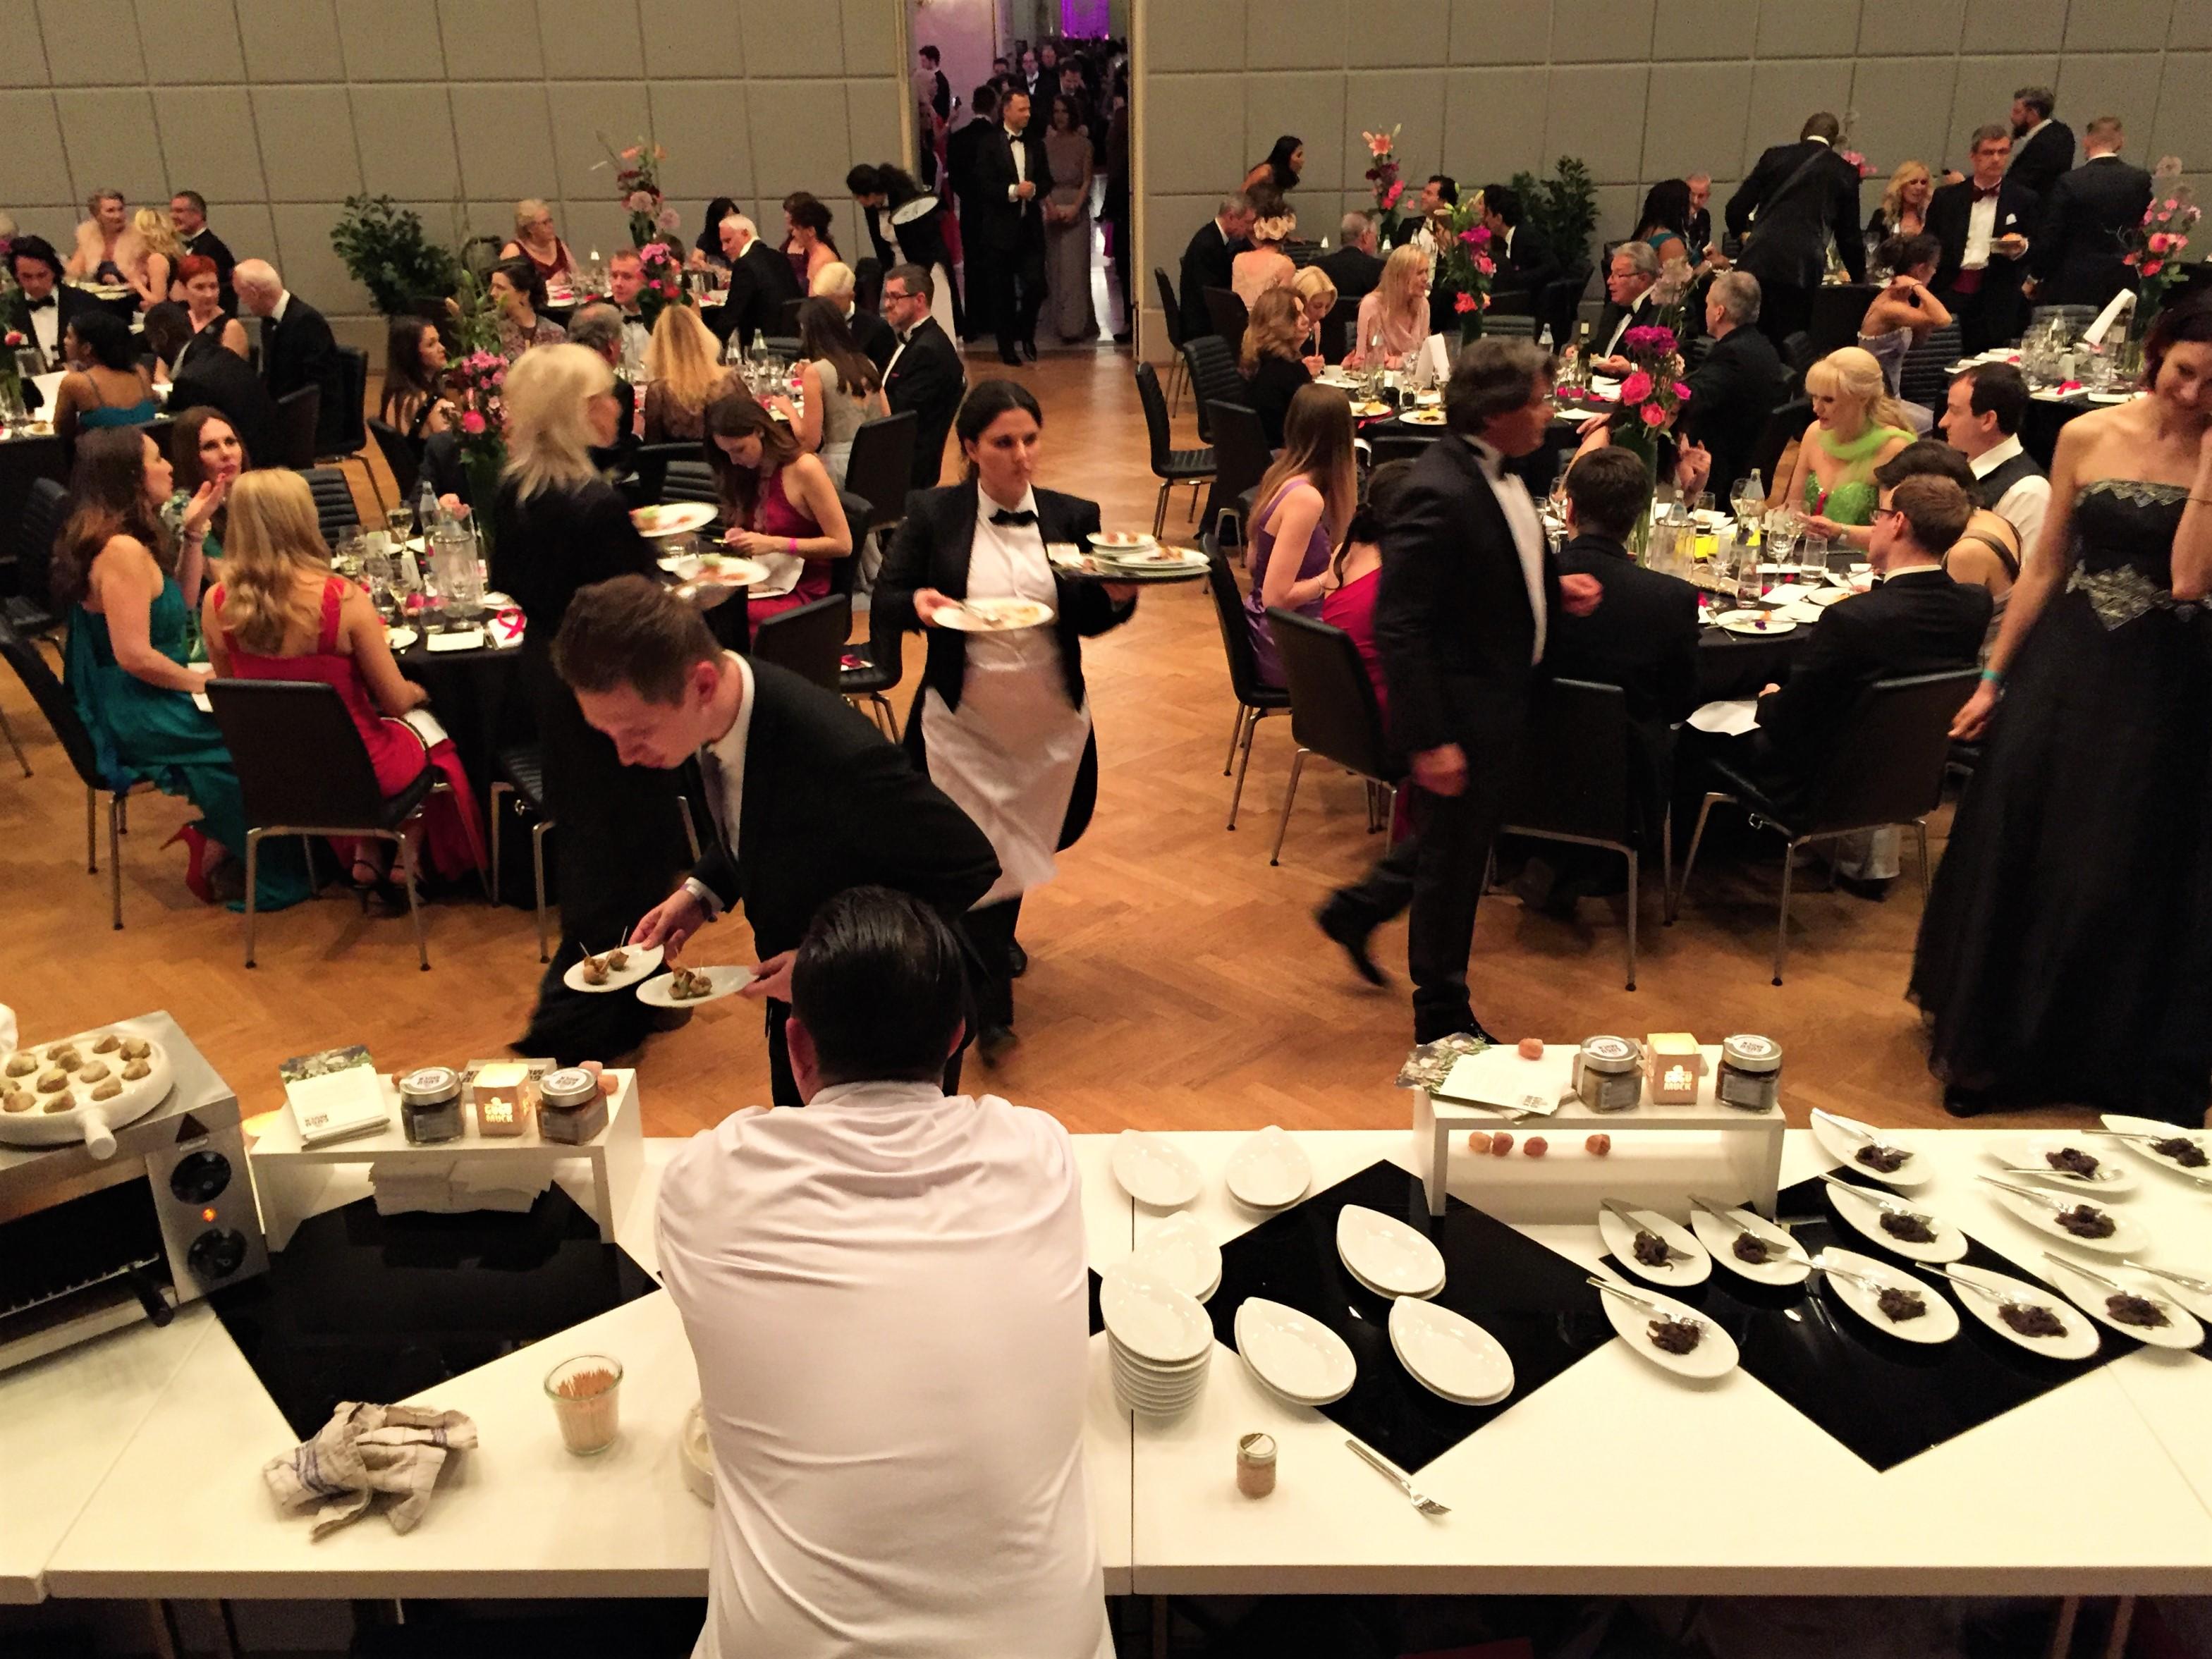 Schneckencatering in der Wiener Hofburg, unser Bistro ist ebenfalls exklusiv zu mieten für Firmenevents, Kochkurse mit Kollegen und Freunden